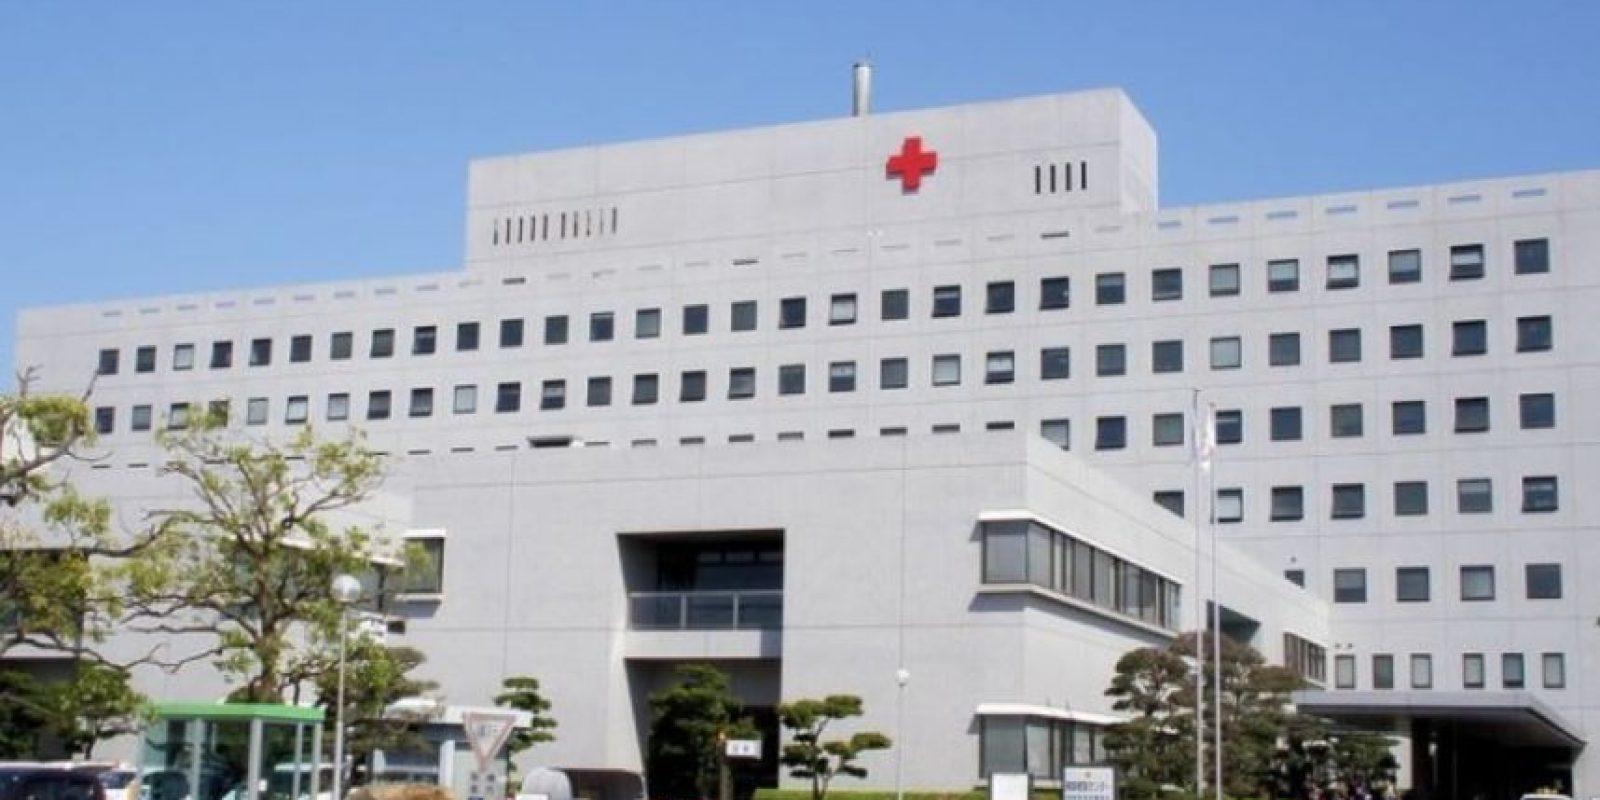 6. Hospital Foto:Flickr